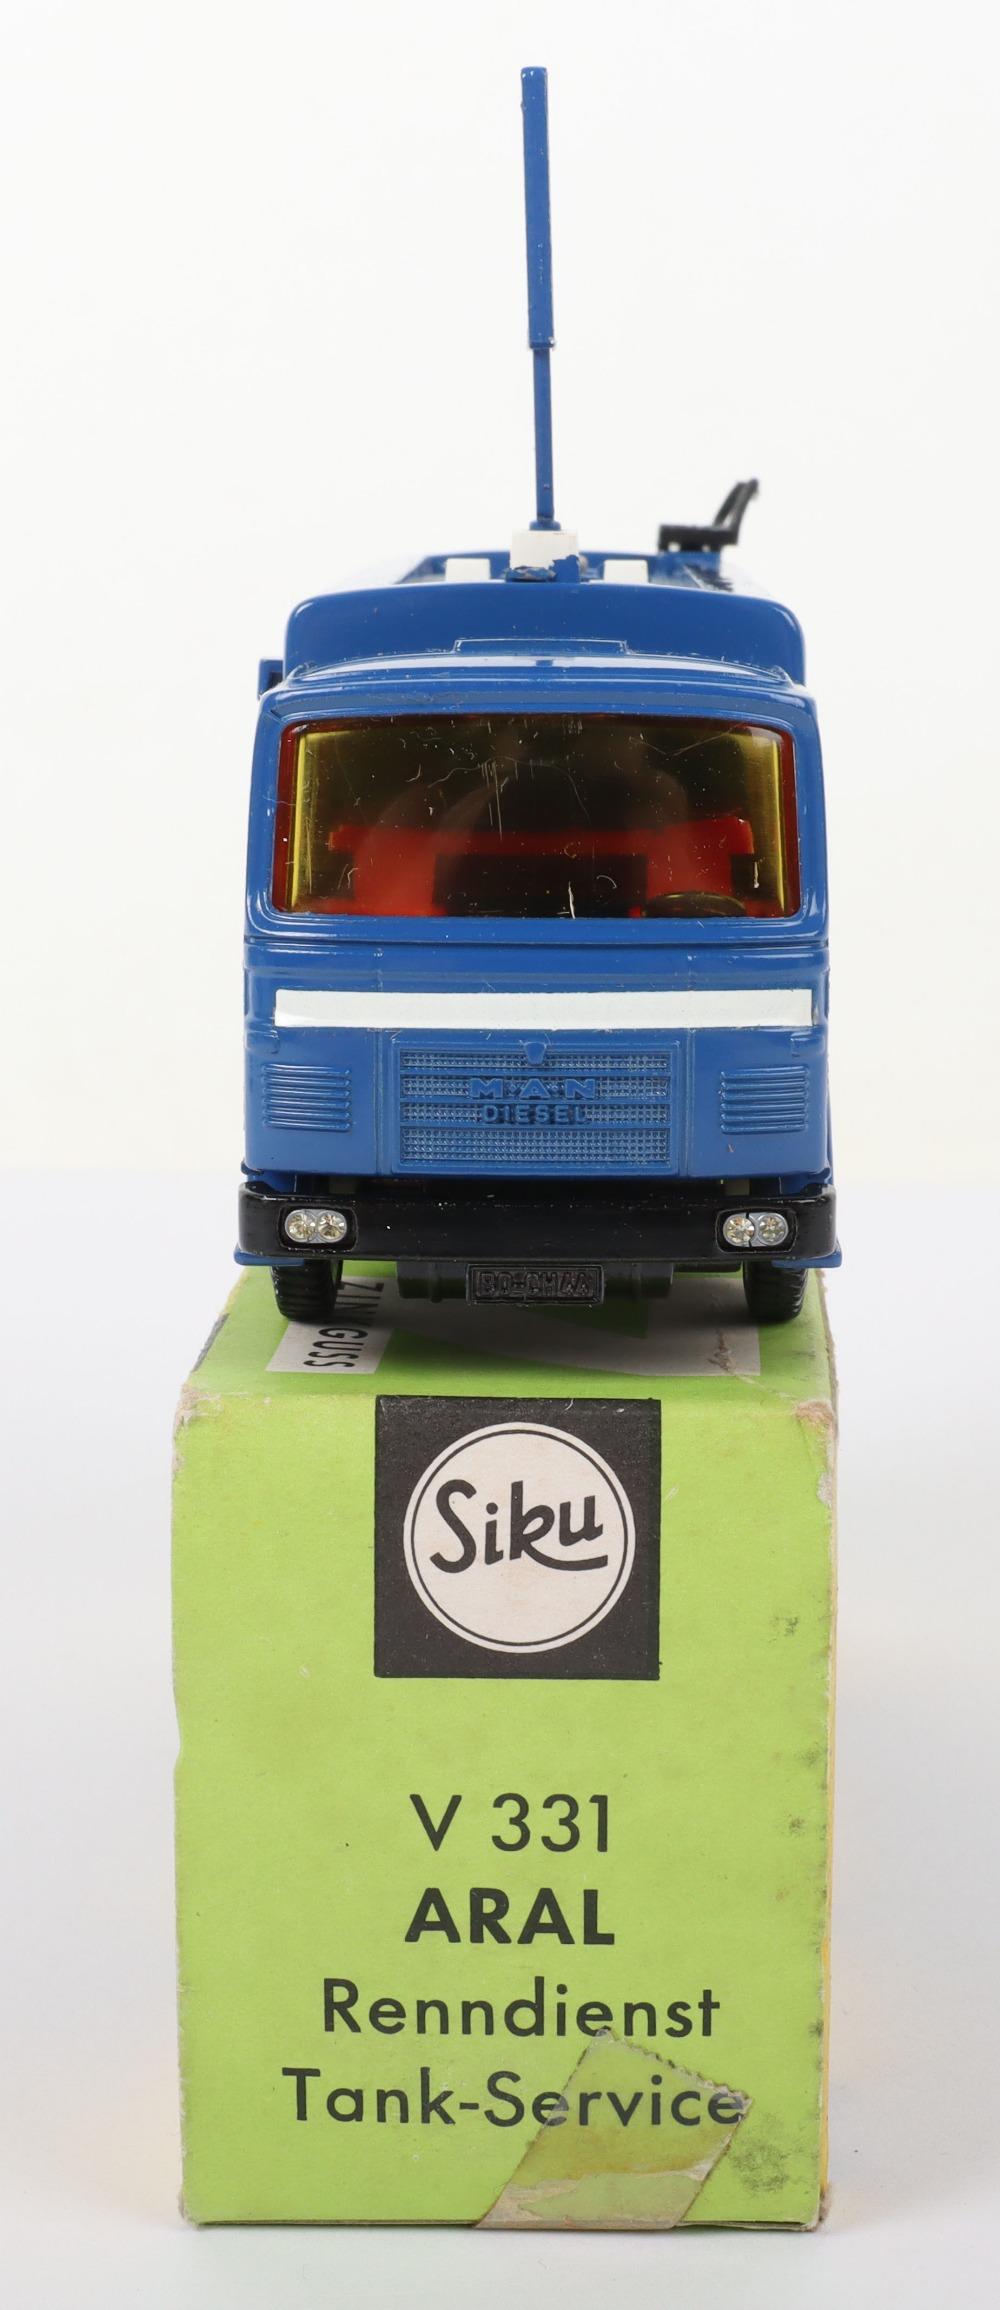 Siku (Germany) V 331 Man Petrol Motorsport Tanker Aral - Image 3 of 5